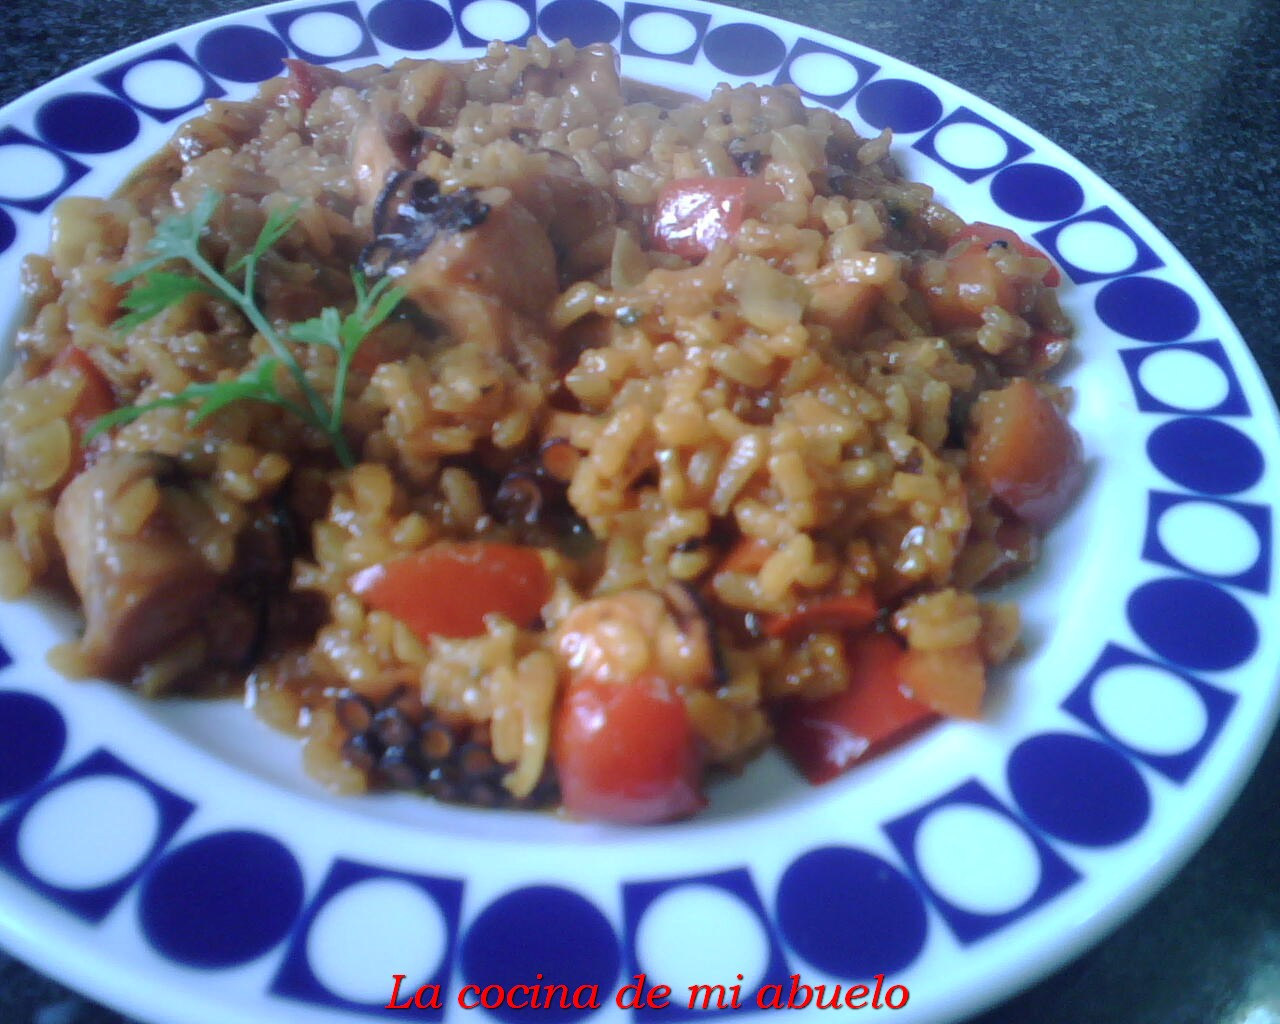 Pulpo con arroz al estilo de Merchi